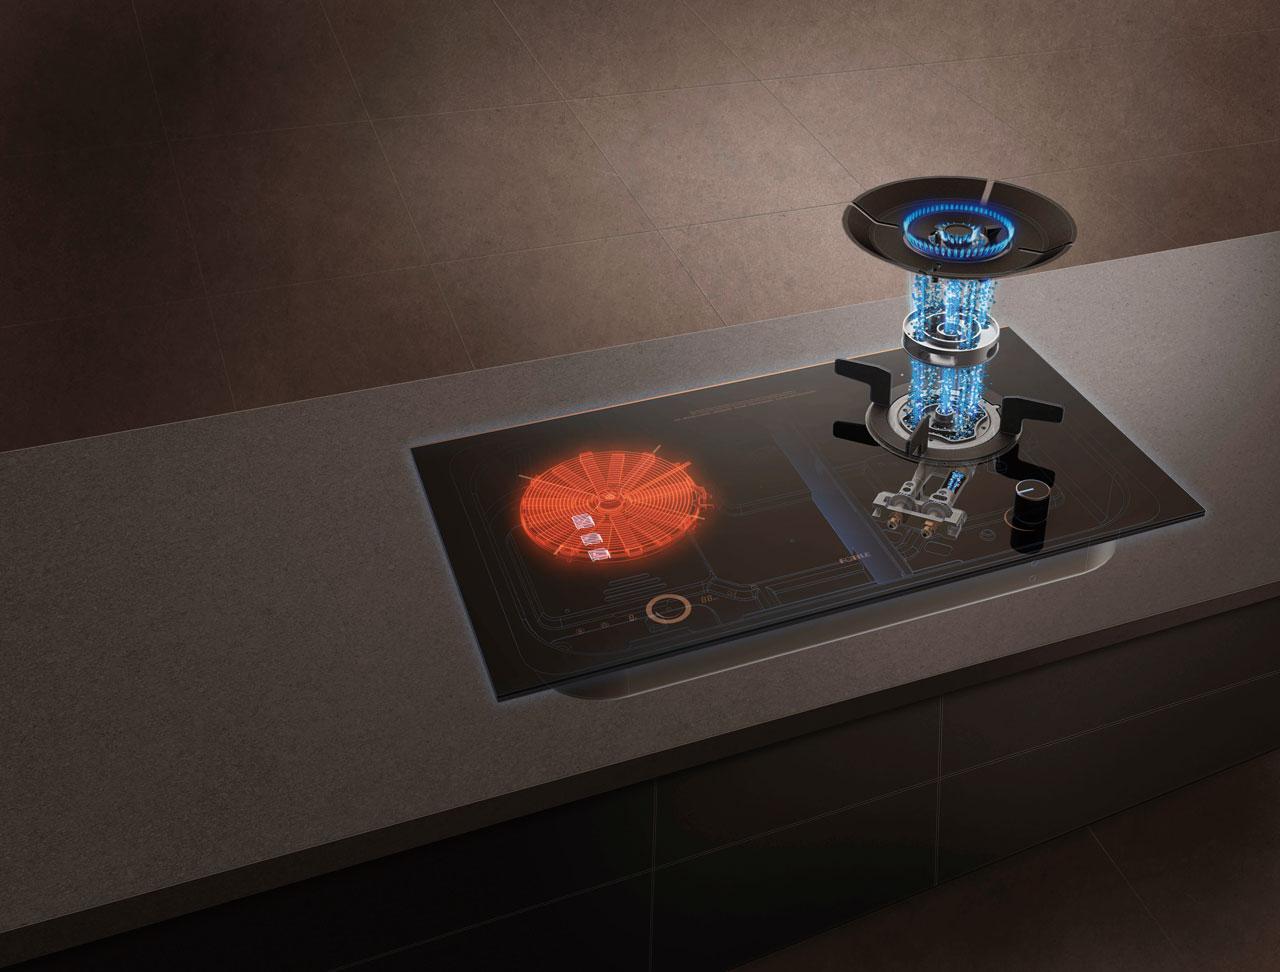 方太发布新品气电双主灶,你的厨房即将迎来一名烹饪多面手